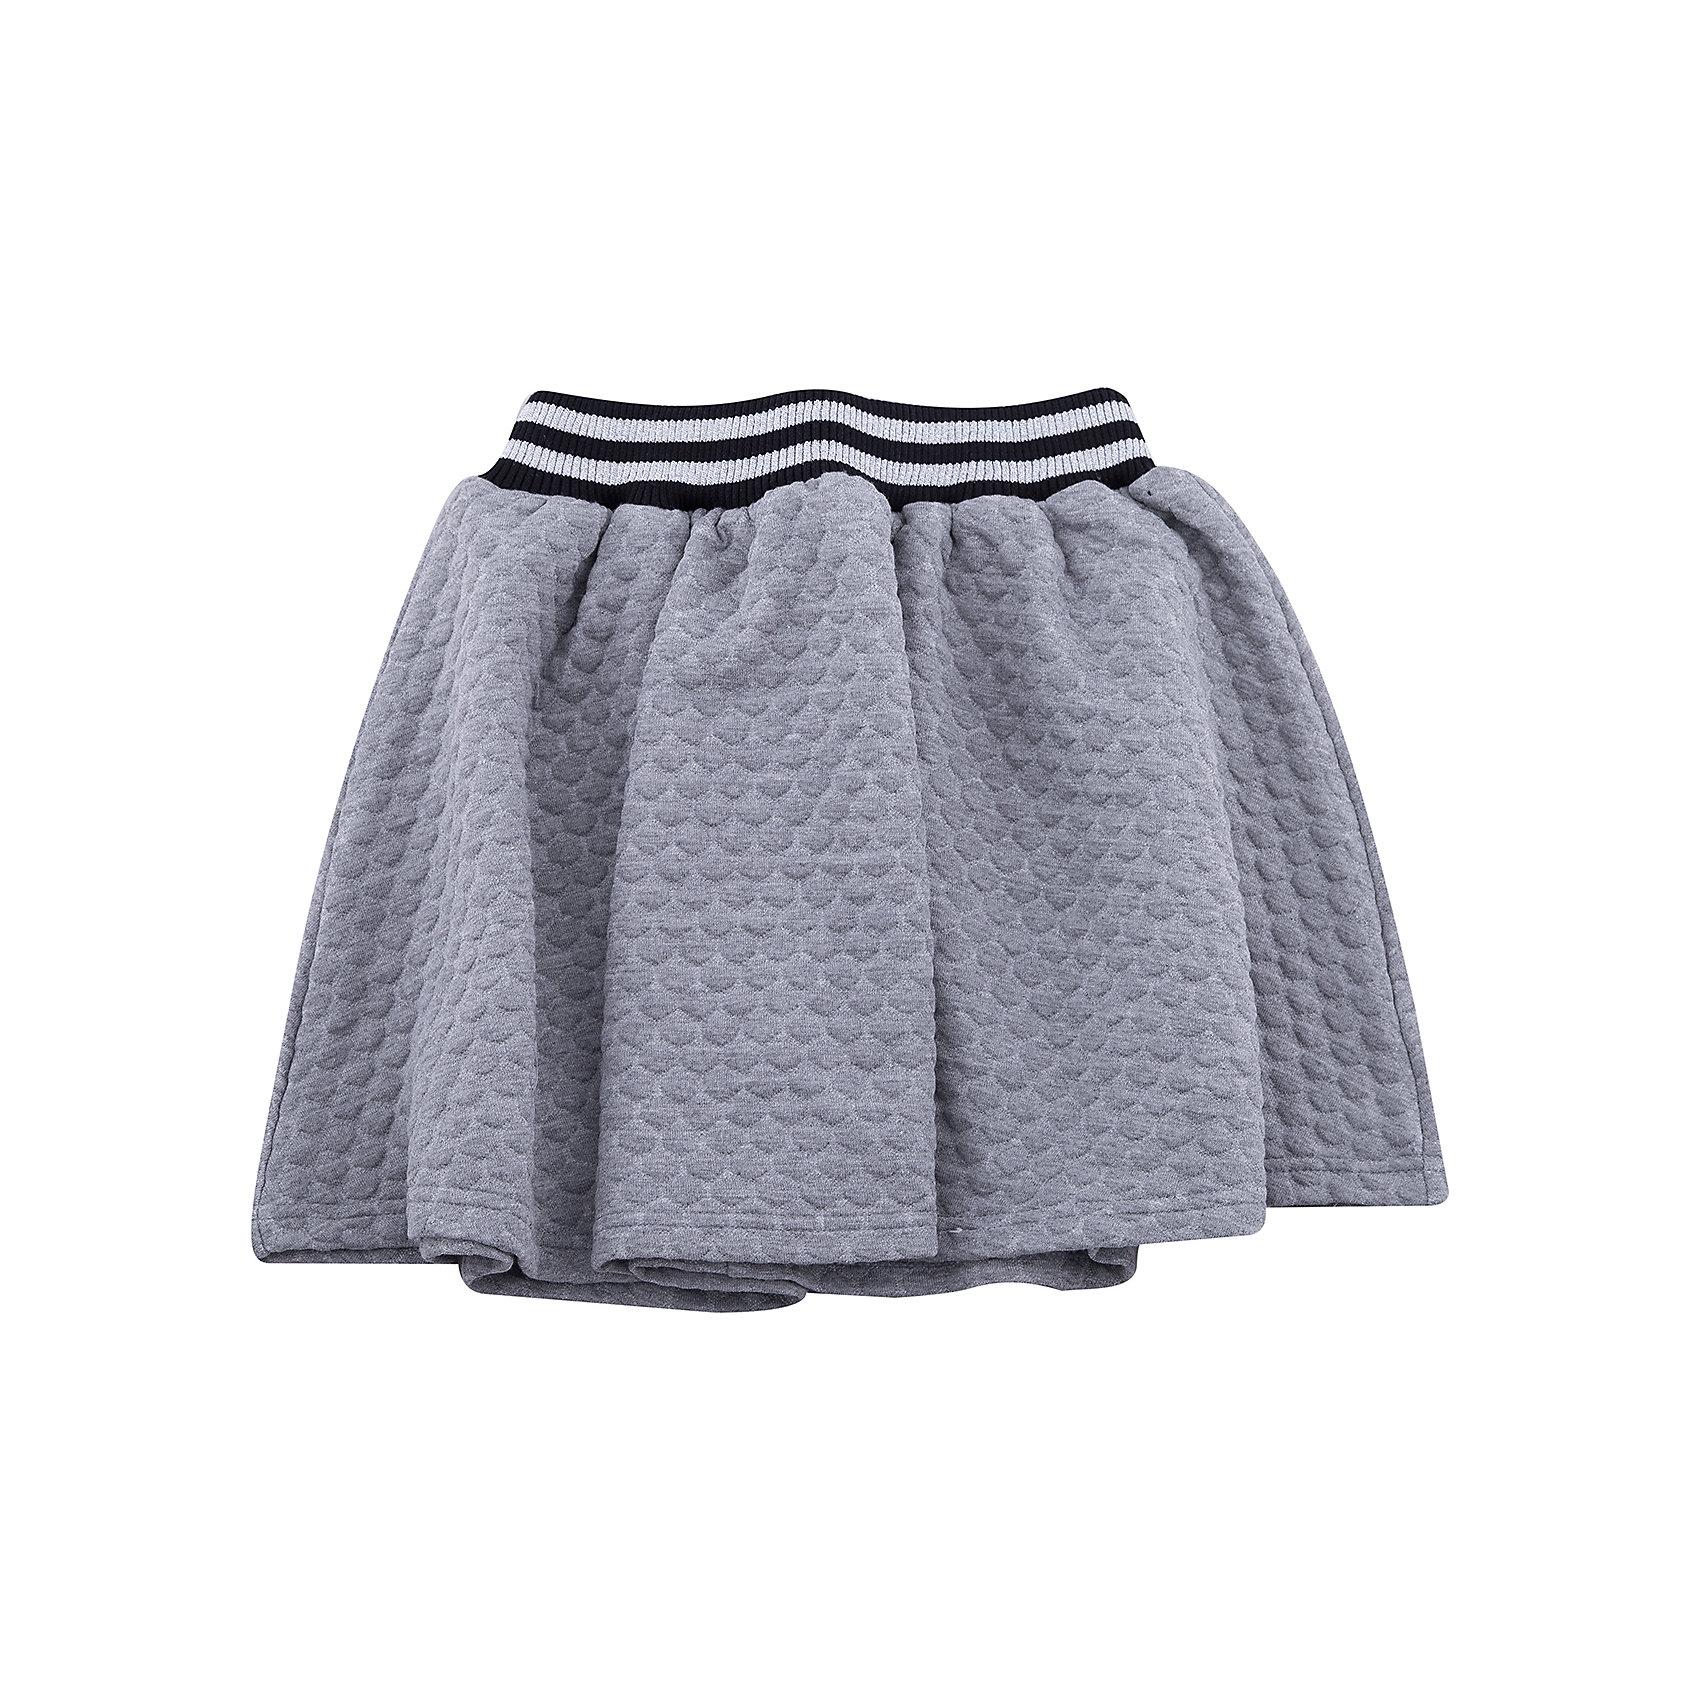 Юбка Scool для девочкиЮбки<br>Юбка Scool для девочки<br>Удобная юбка из рельефного трикотажа - отличное дополнение к повседневному гардеробу ребенка. Пояс на широкой резинке, декорирован люрексной нитью. Свободный крой не сковывает движений. Мягкая ткань комфортна при носке.<br>Состав:<br>65% полиэстер, 35% вискоза<br><br>Ширина мм: 207<br>Глубина мм: 10<br>Высота мм: 189<br>Вес г: 183<br>Цвет: белый<br>Возраст от месяцев: 156<br>Возраст до месяцев: 168<br>Пол: Женский<br>Возраст: Детский<br>Размер: 164,134,140,146,152,158<br>SKU: 7105380